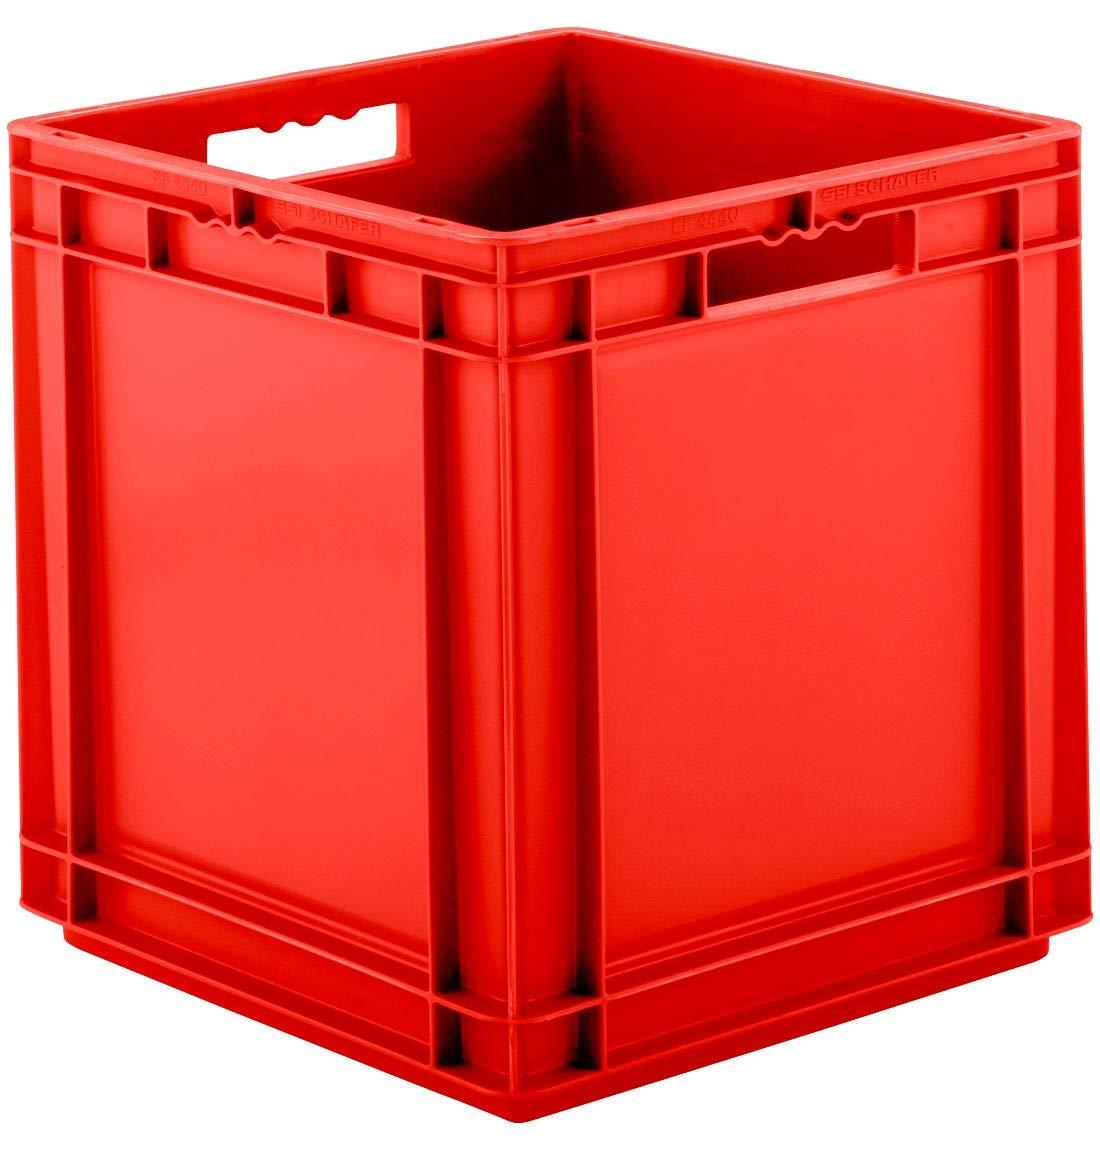 53,9 l rot ohne Deckel SSI Sch/äfer Kasten im EURO-Ma/ß EF 4440